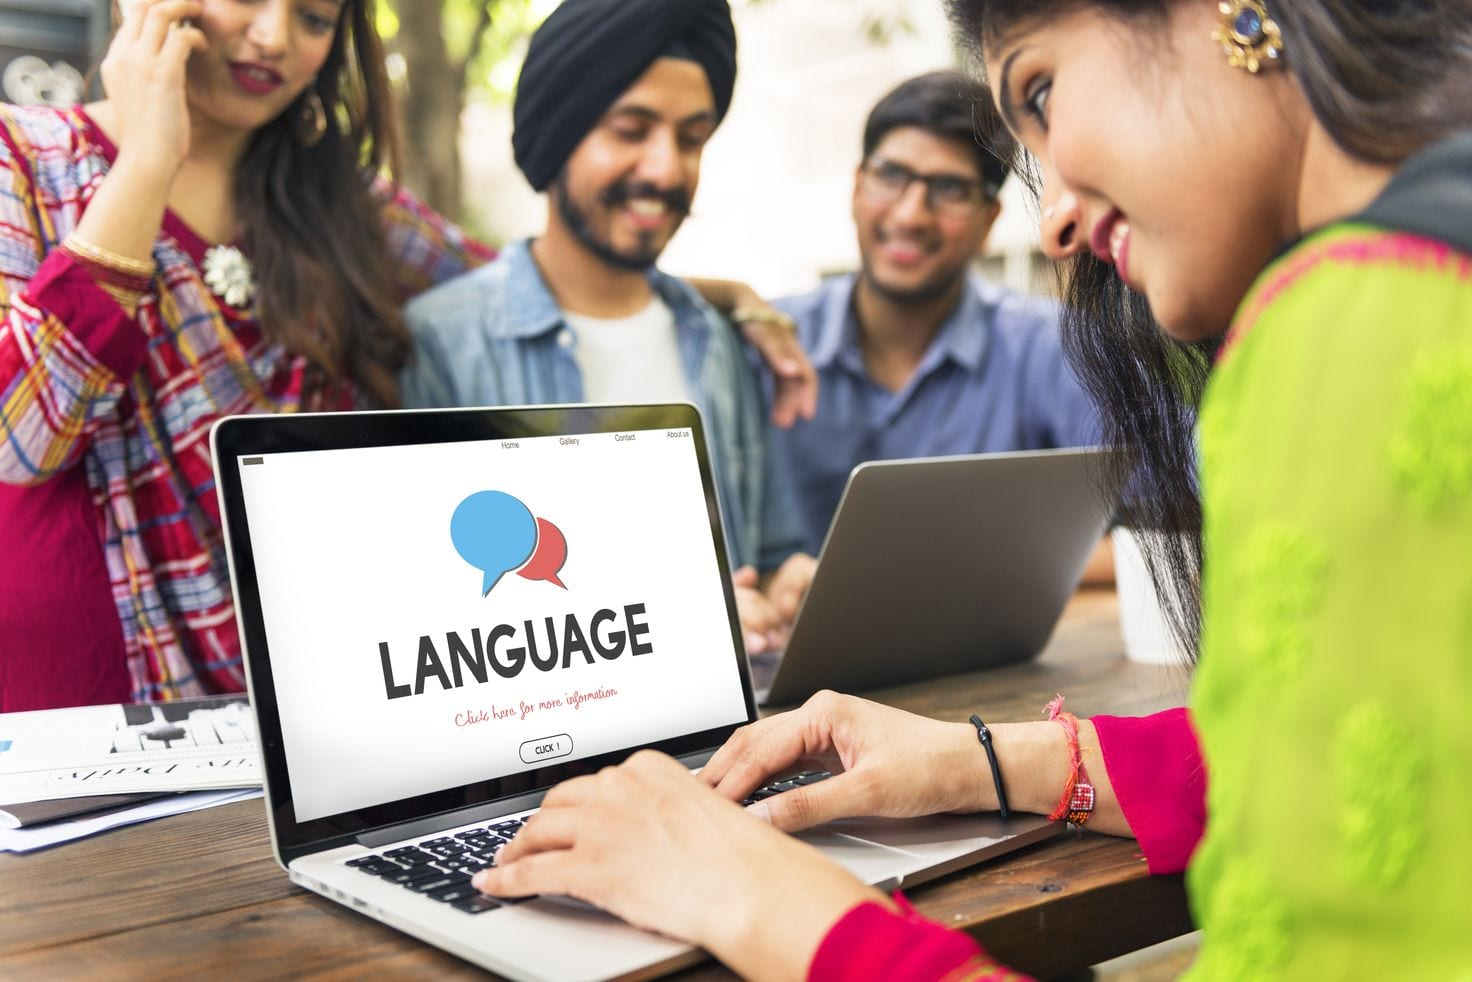 Как создать языковую среду: советы, которые пригодятся вашим ученикам